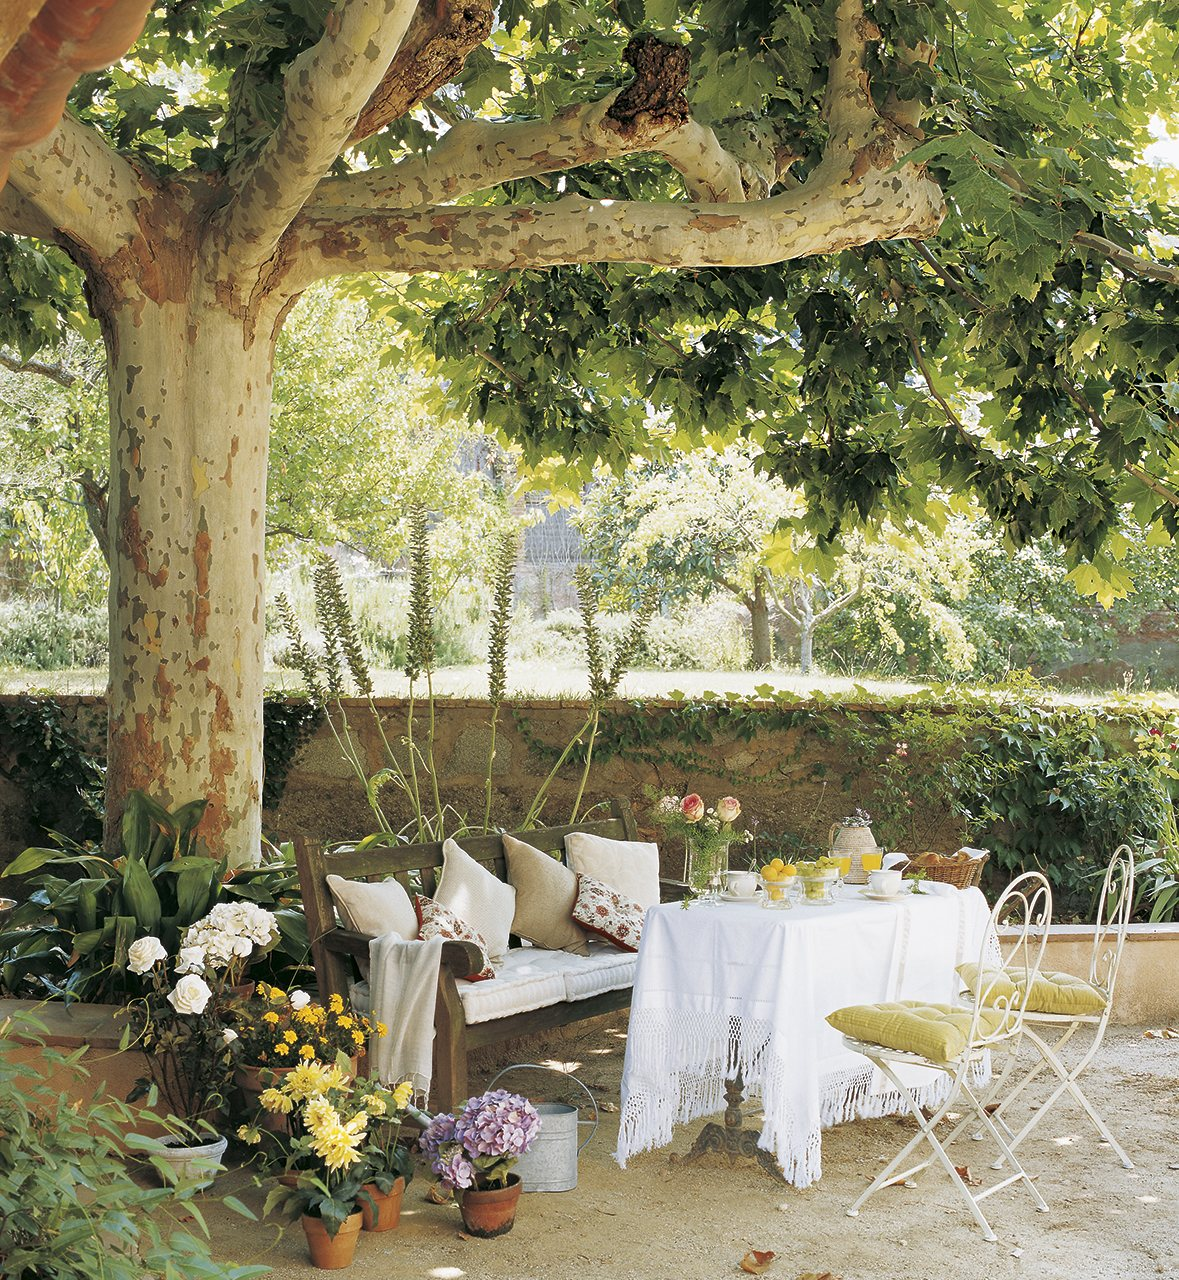 Arboles para jardin que den sombra semillas arboles for Arboles sombra jardin